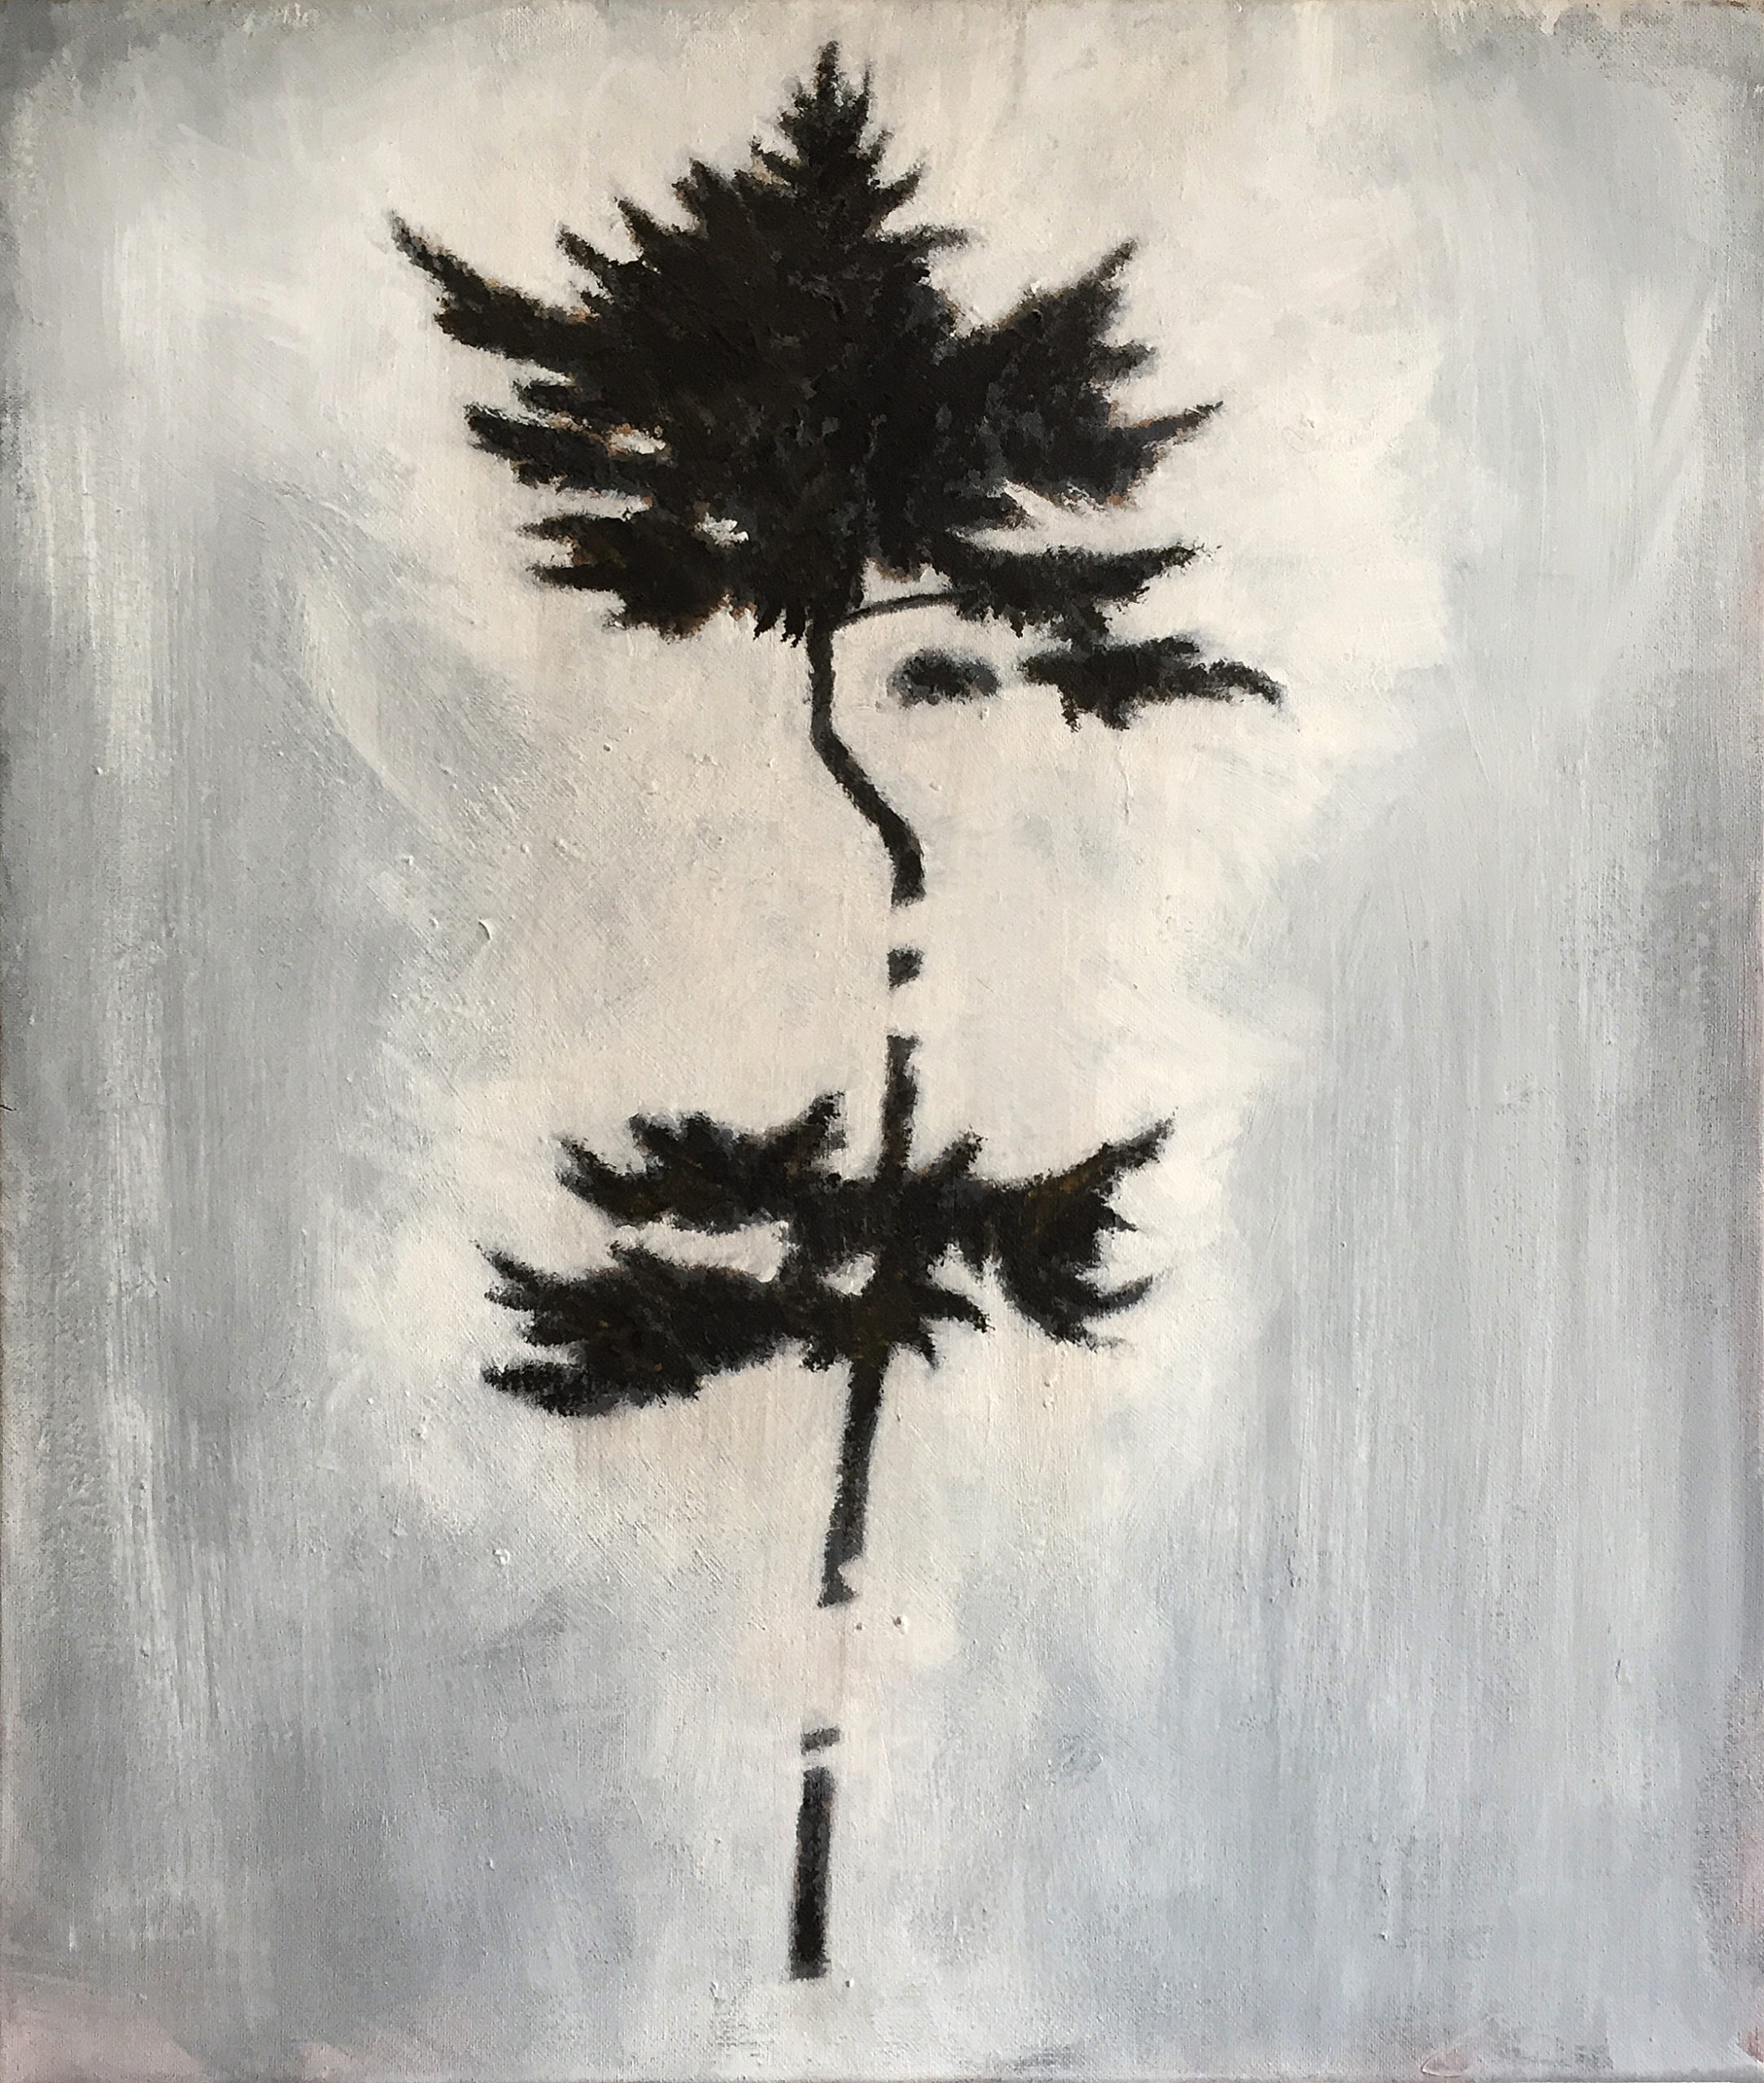 TREE_NR5